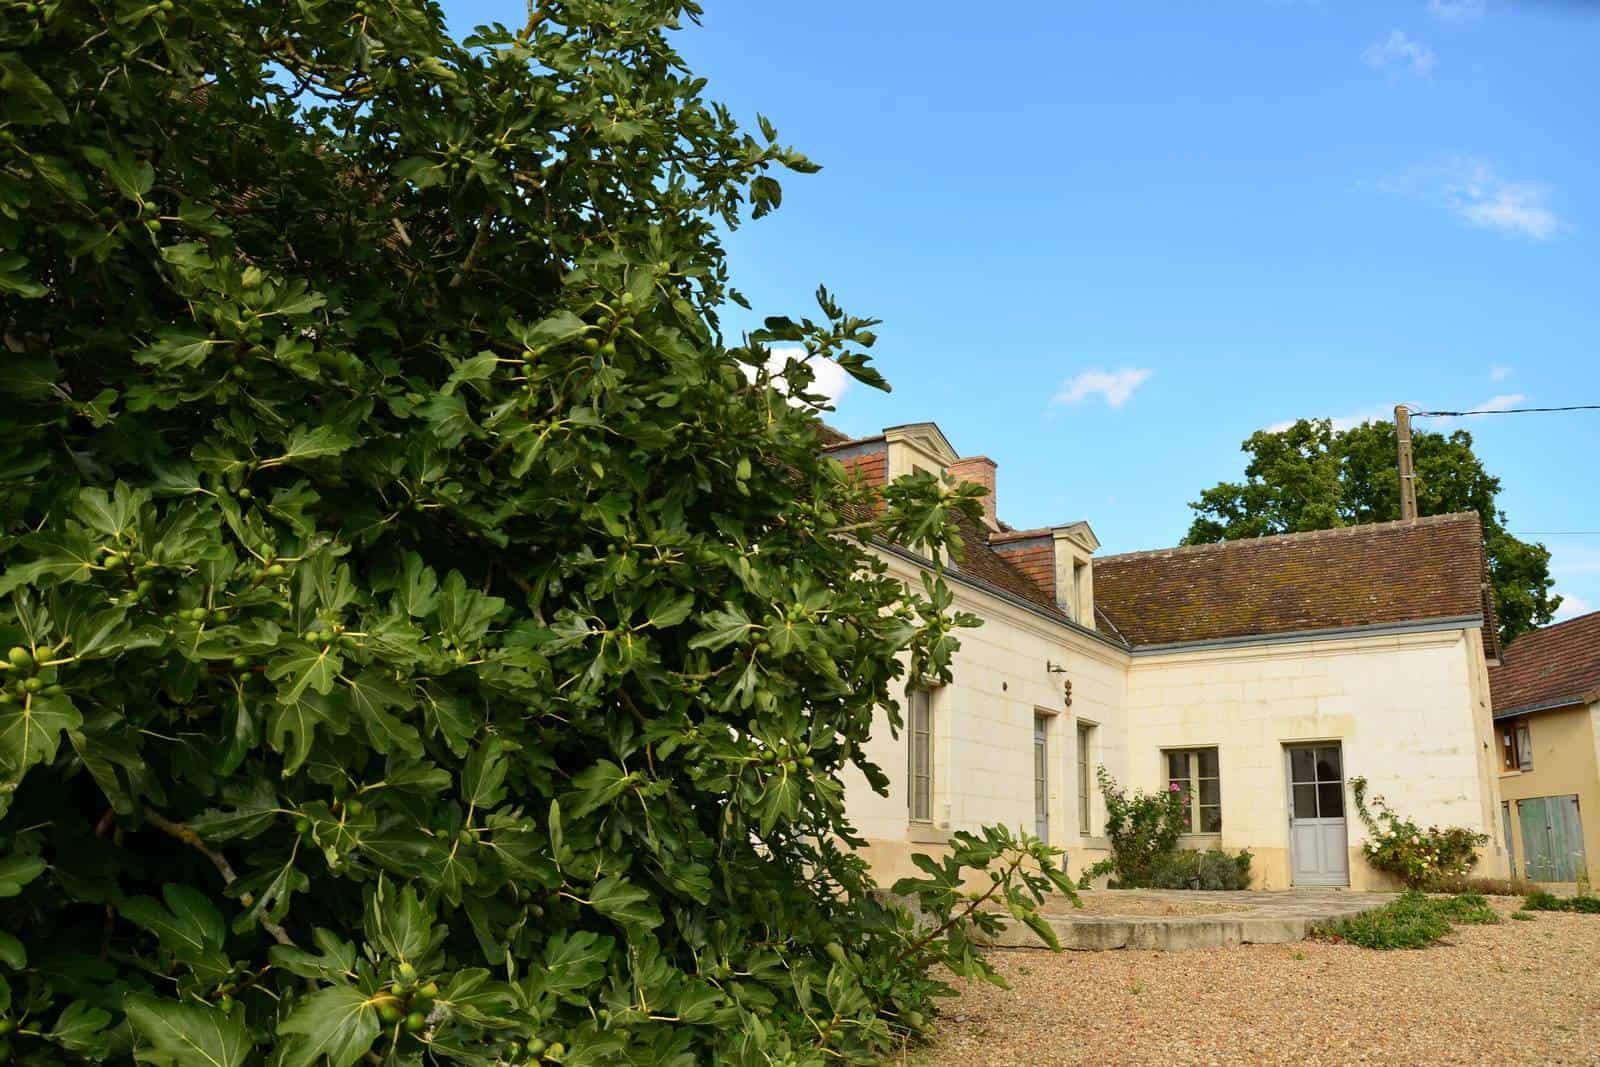 L'avant de la ferme et le figuier - gîte rural de Haute Forêt en Vallée du Loir